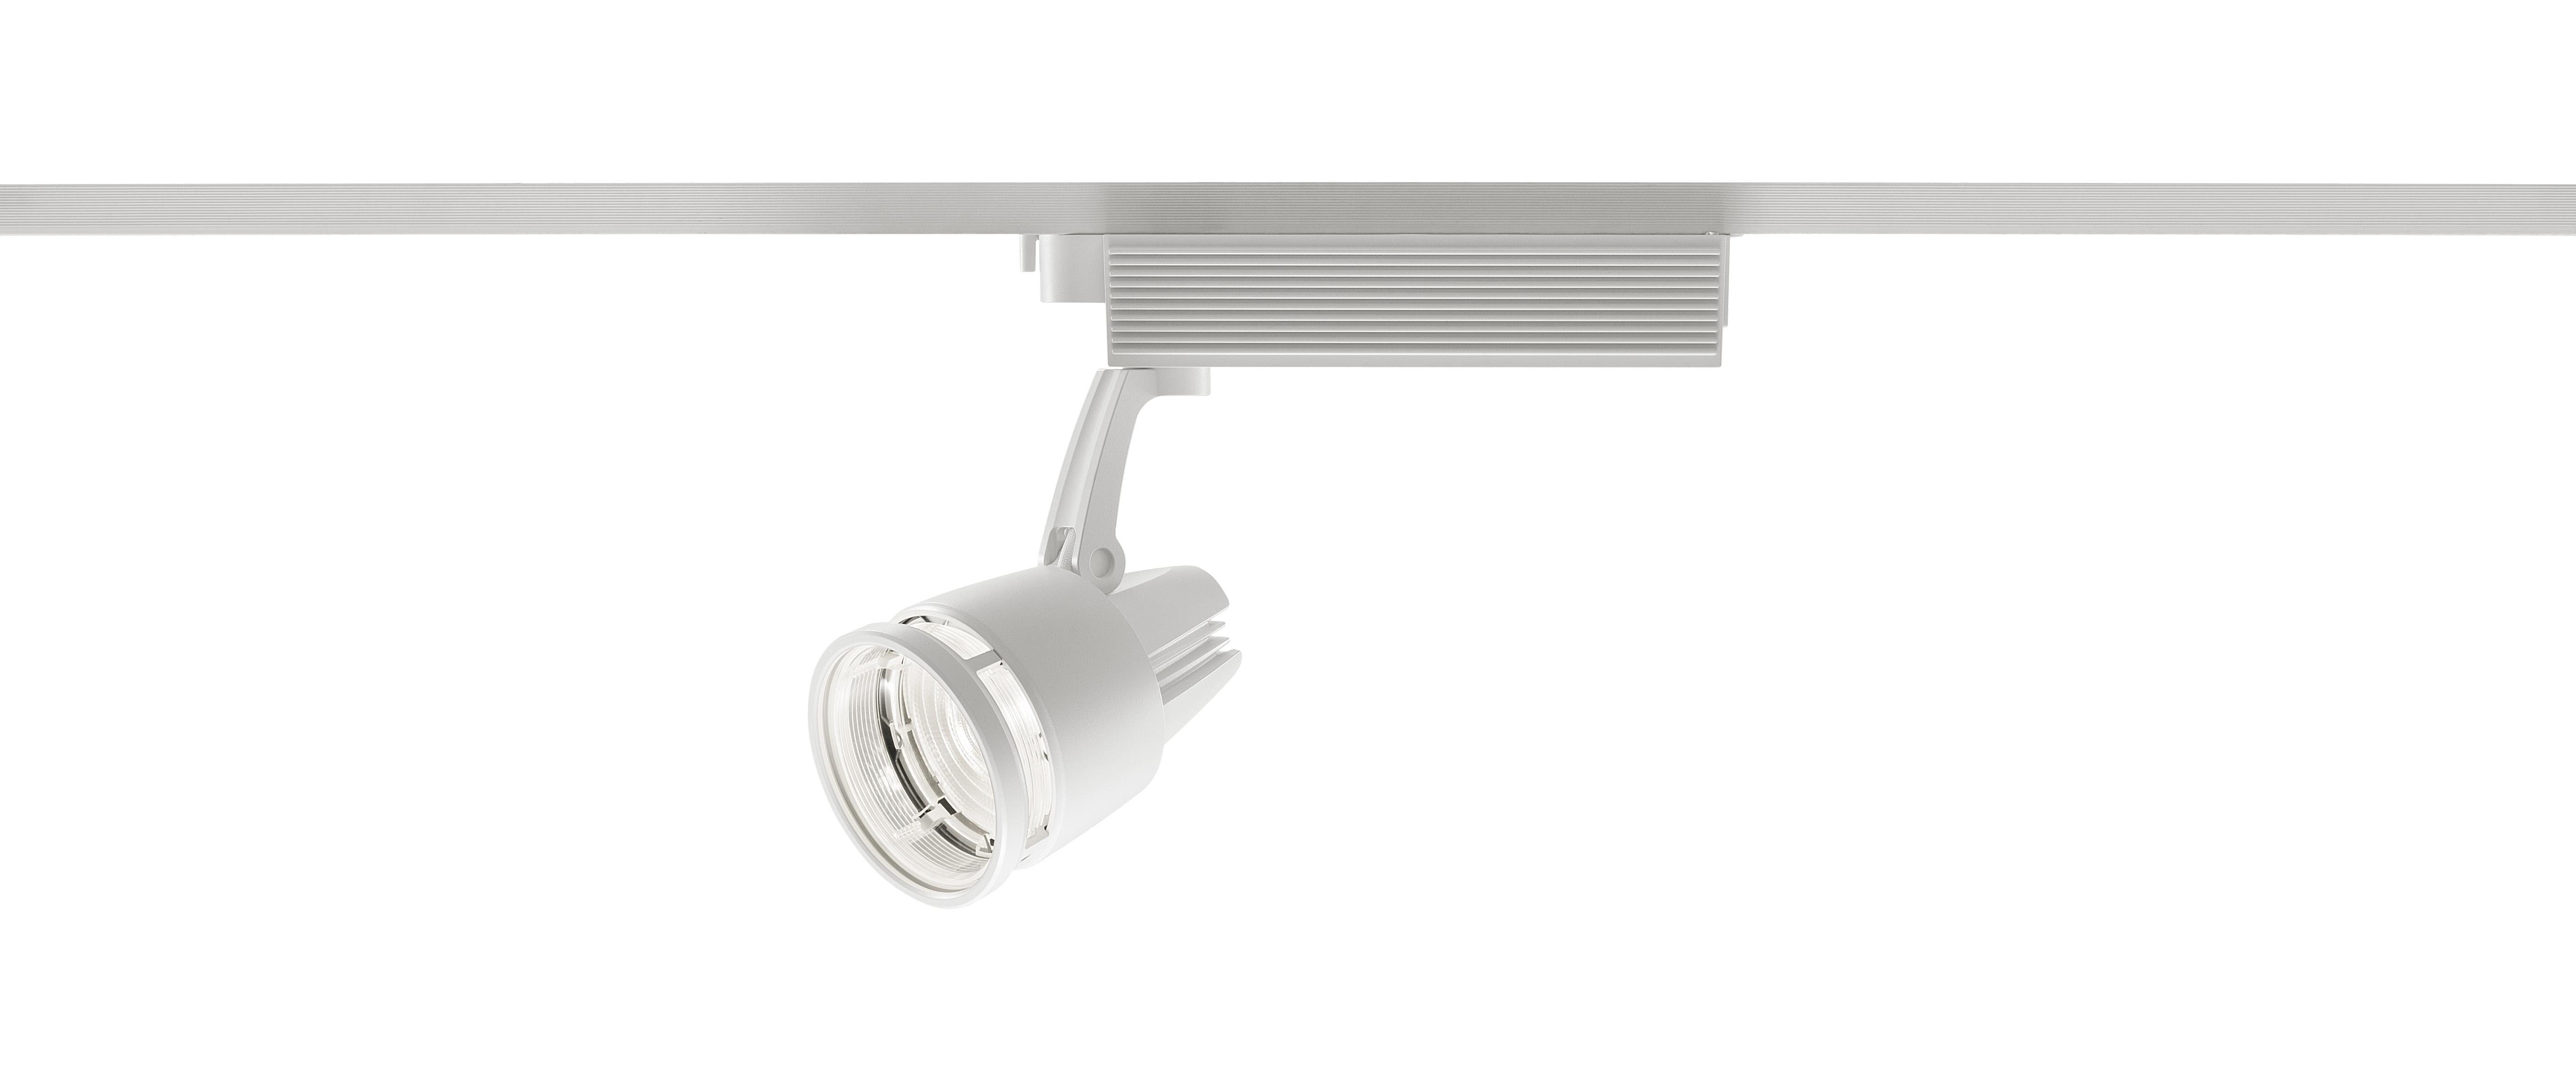 彩光色 LEDスポットライト ワンコア(ひと粒)集光タイプ(透過セードタイプ)